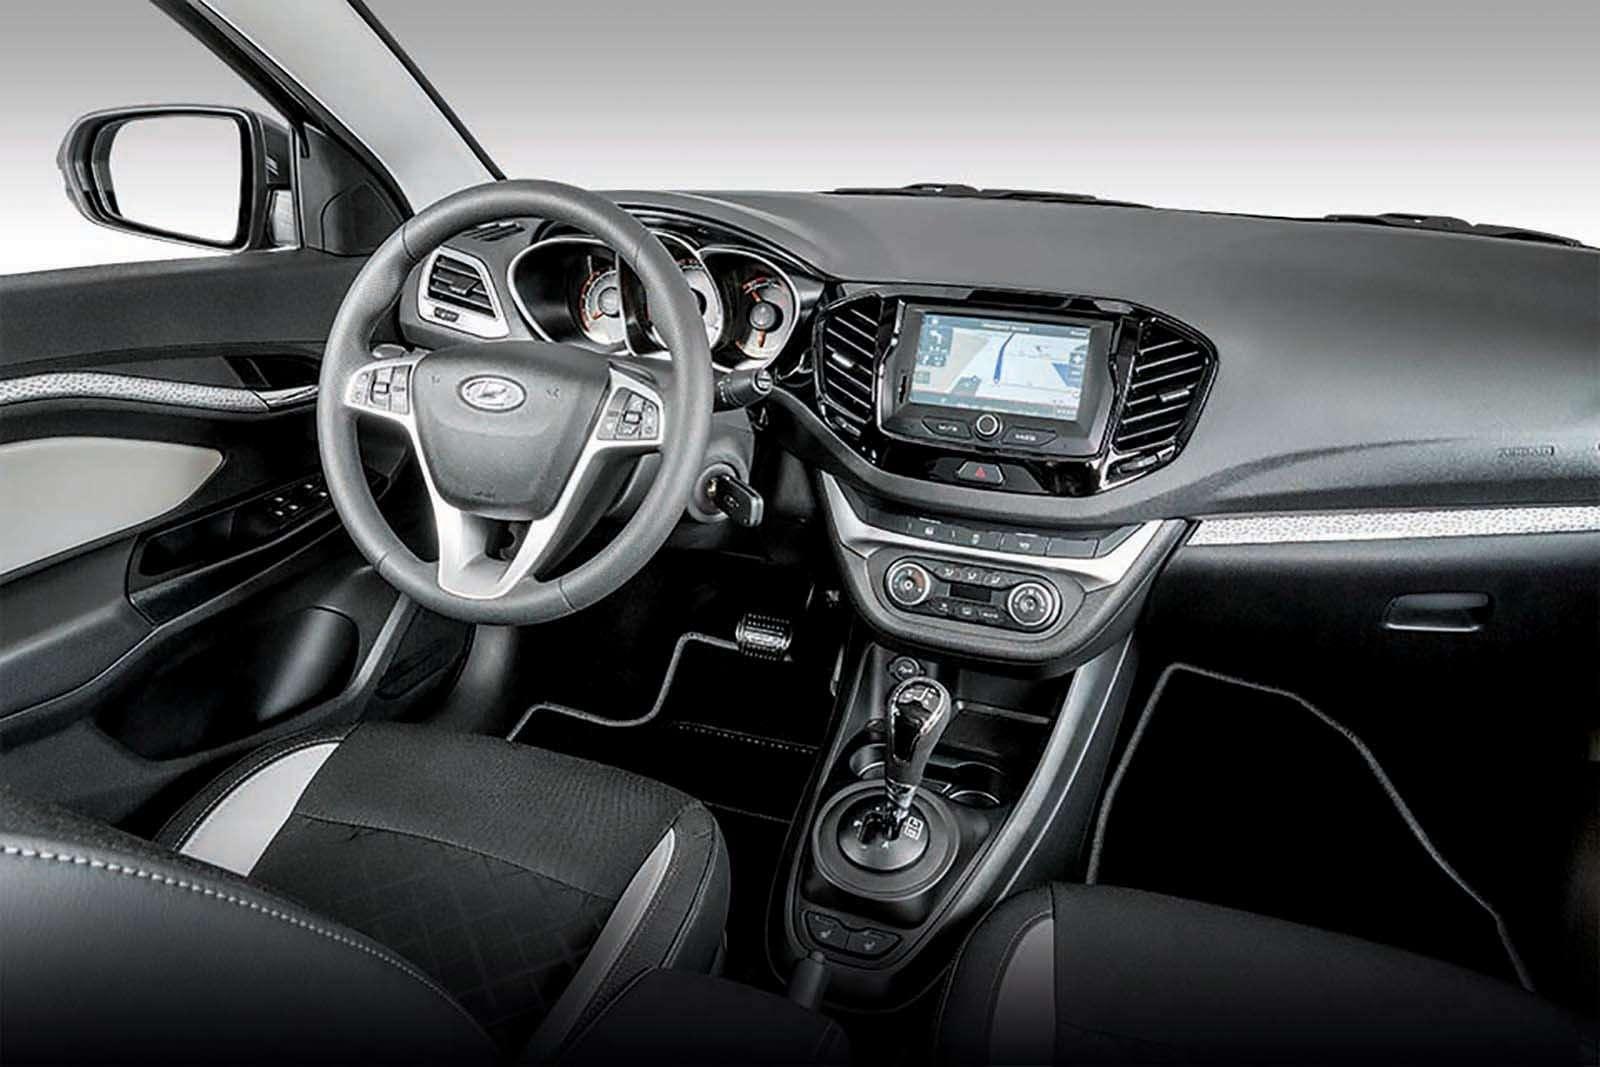 Седан Lada Vesta Cross: производство началось. Когда его ждать впродаже?— фото 863367